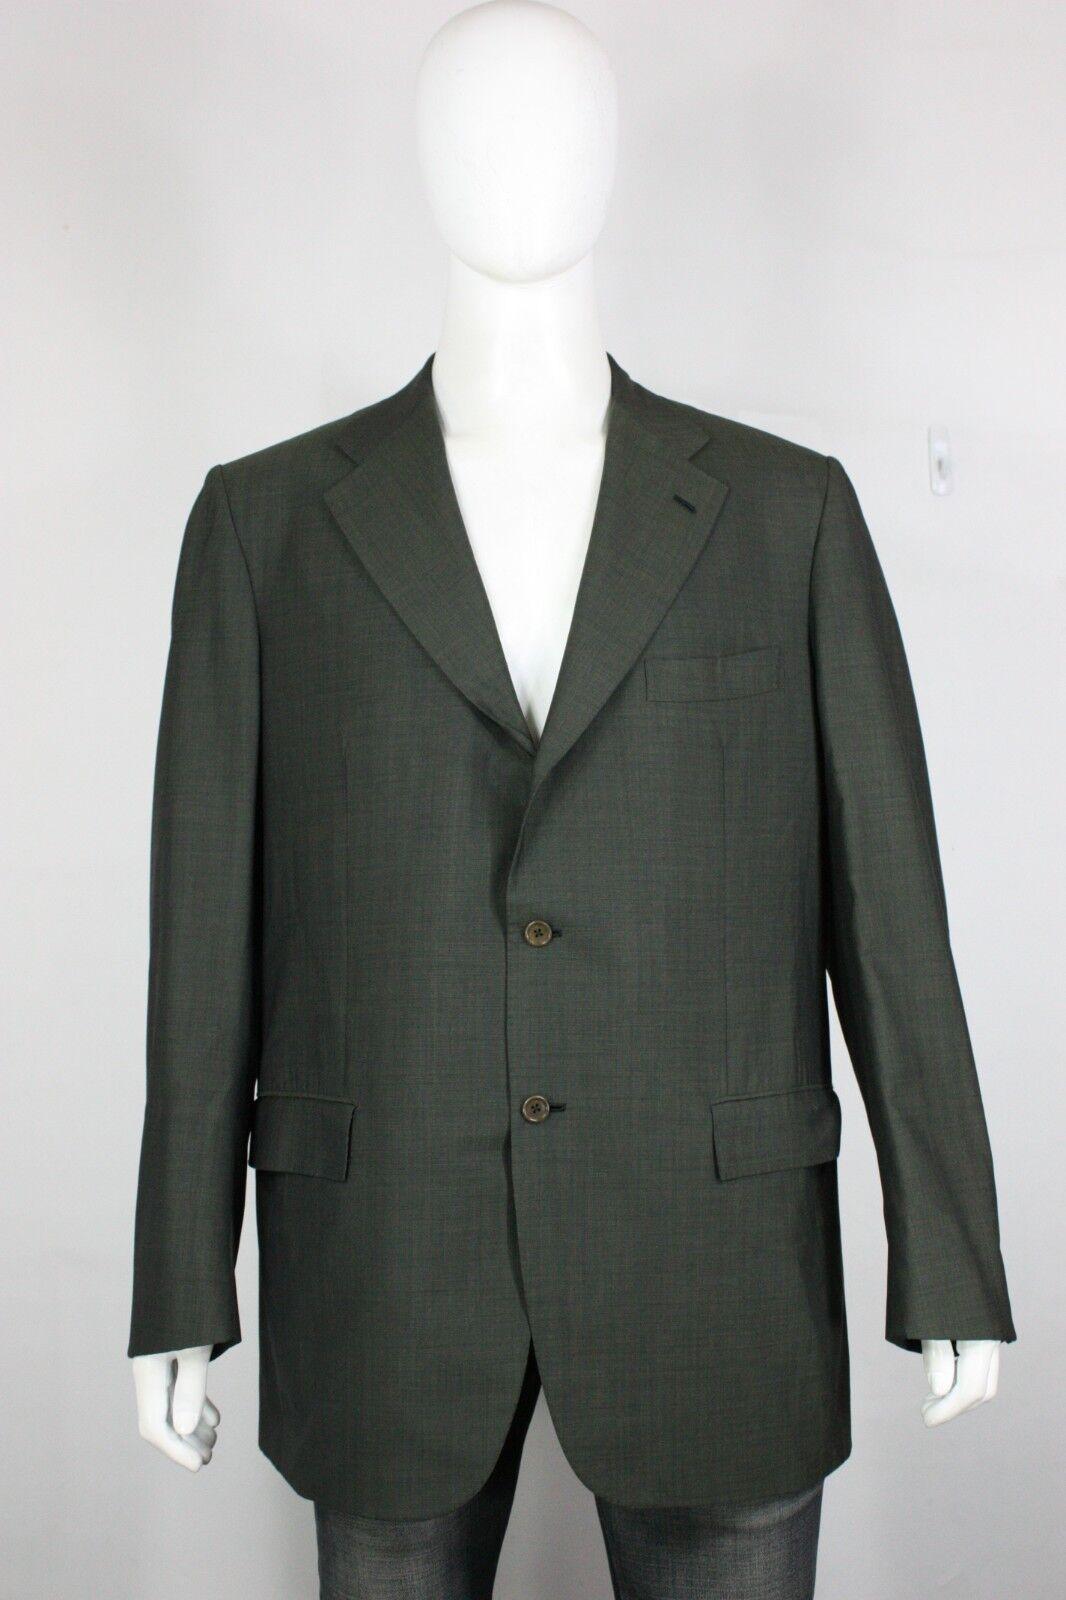 Kiton Napoli super 150s wool blazer IT 56 US 46 Diamante blue 3 button green